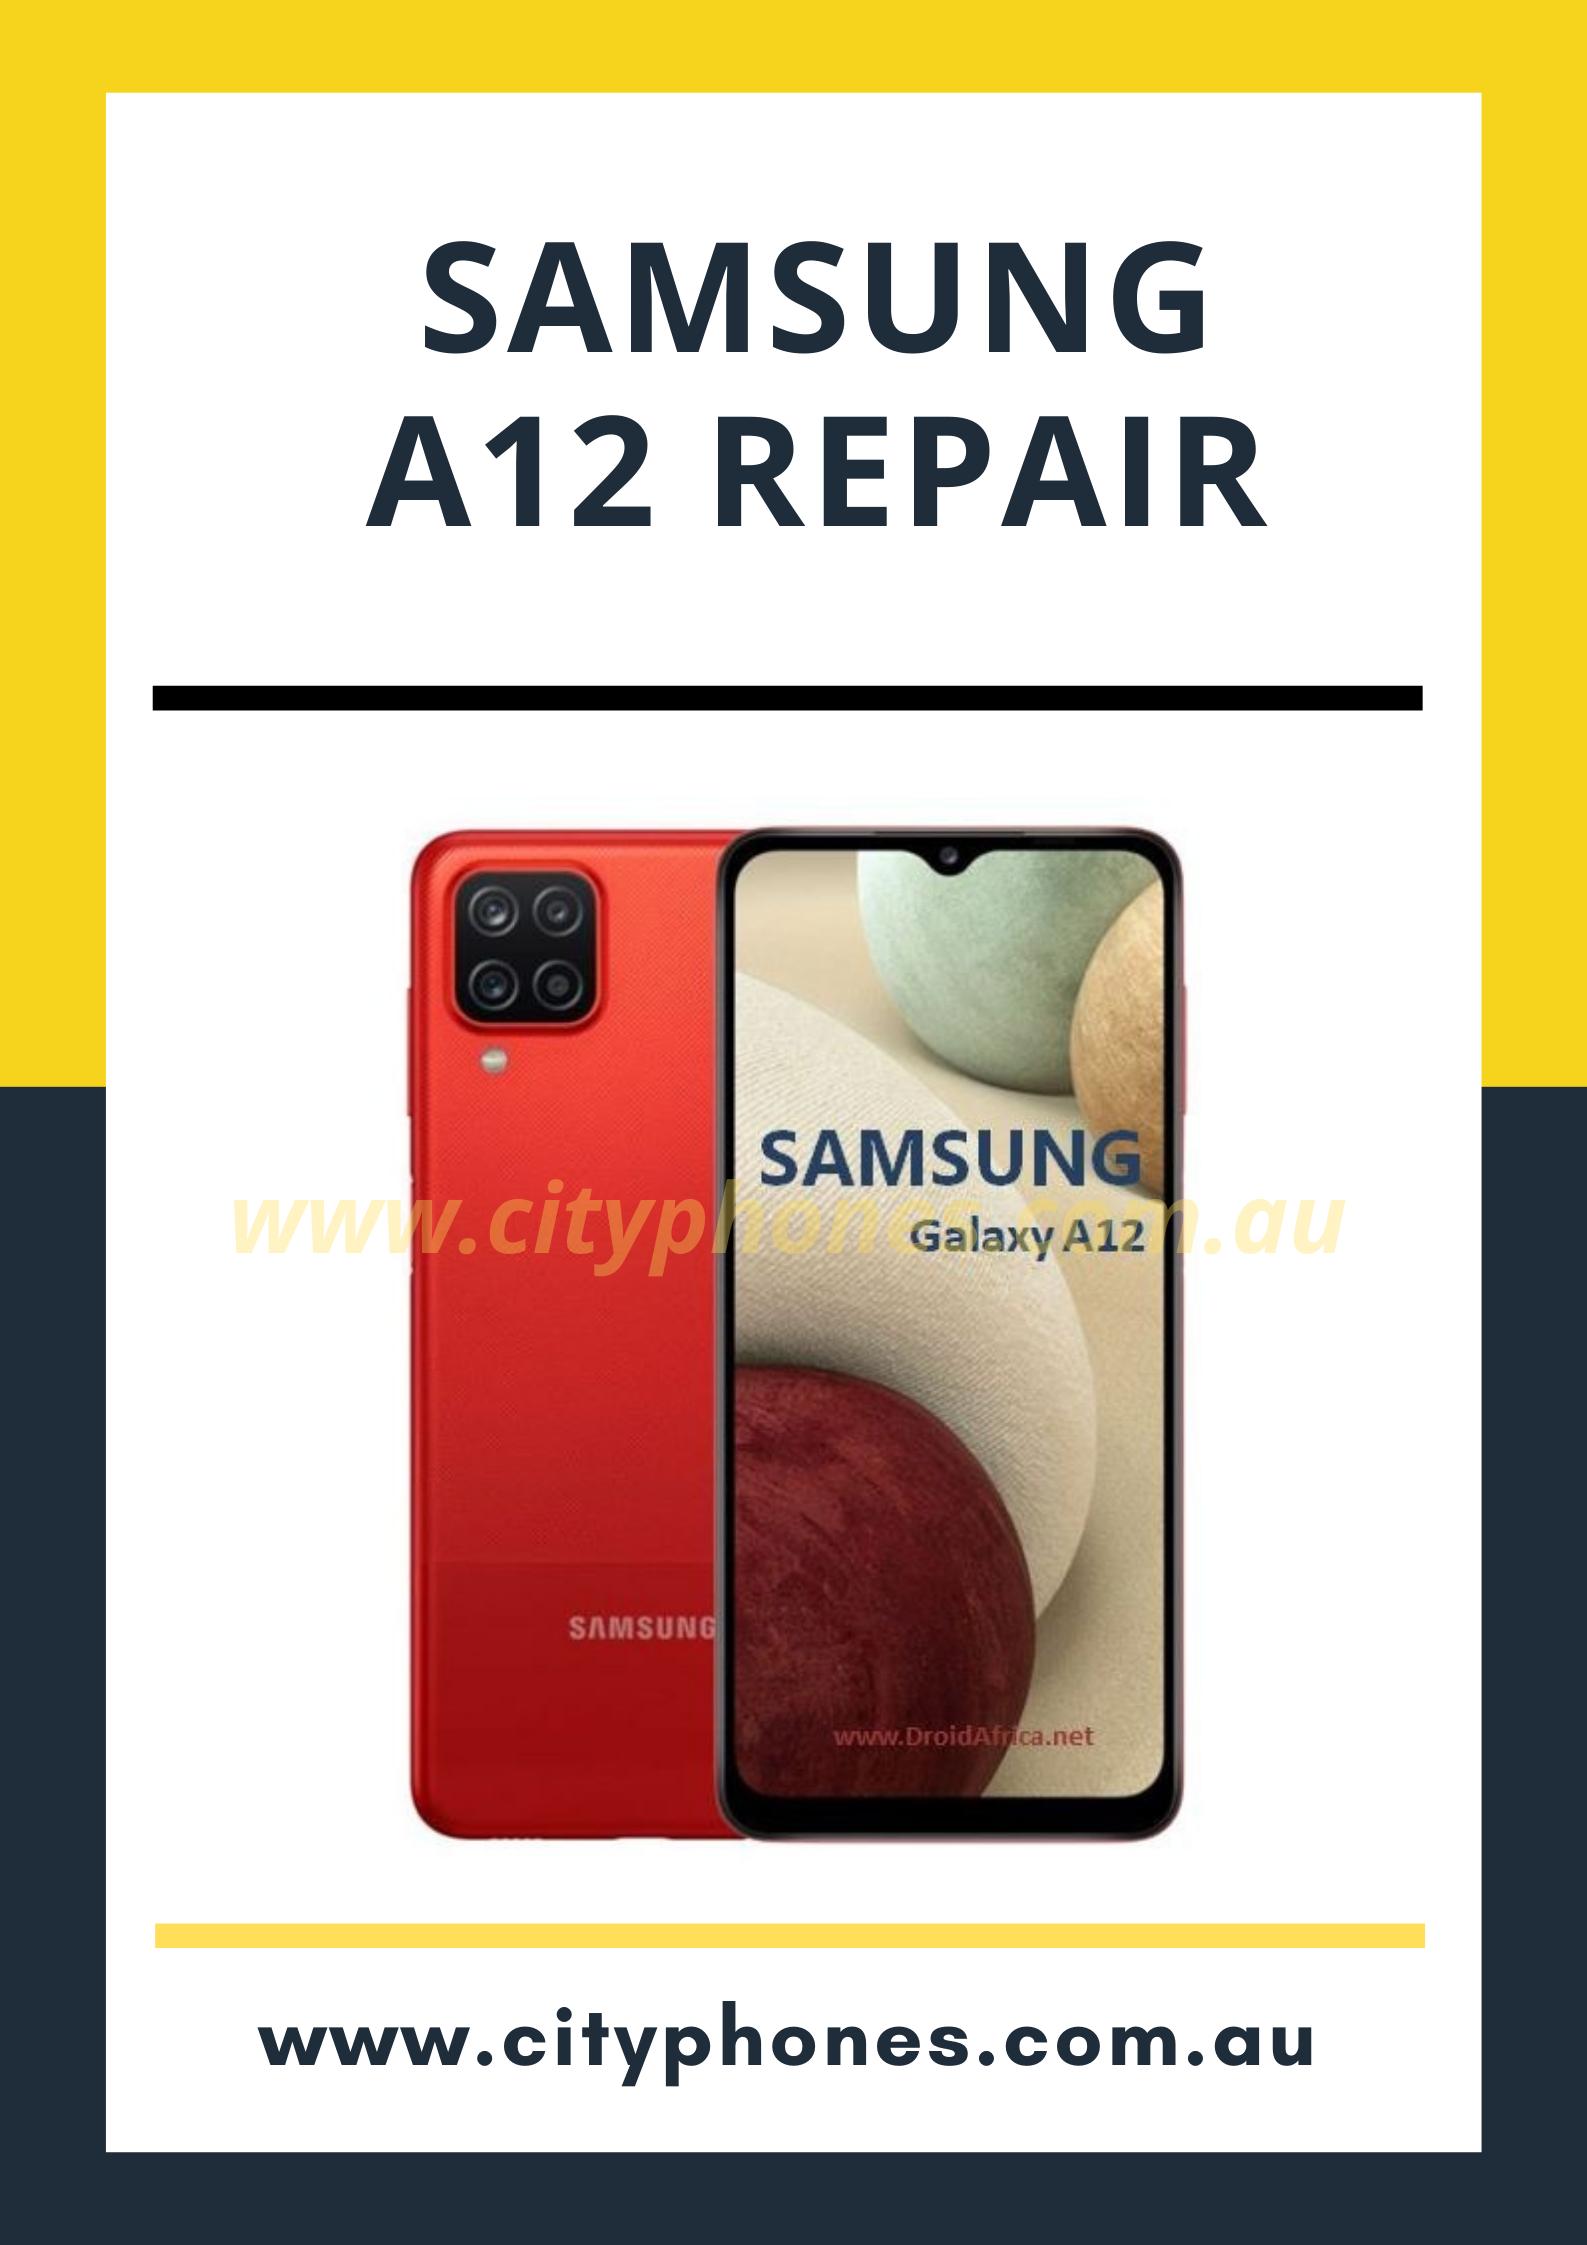 samsung a12 repair